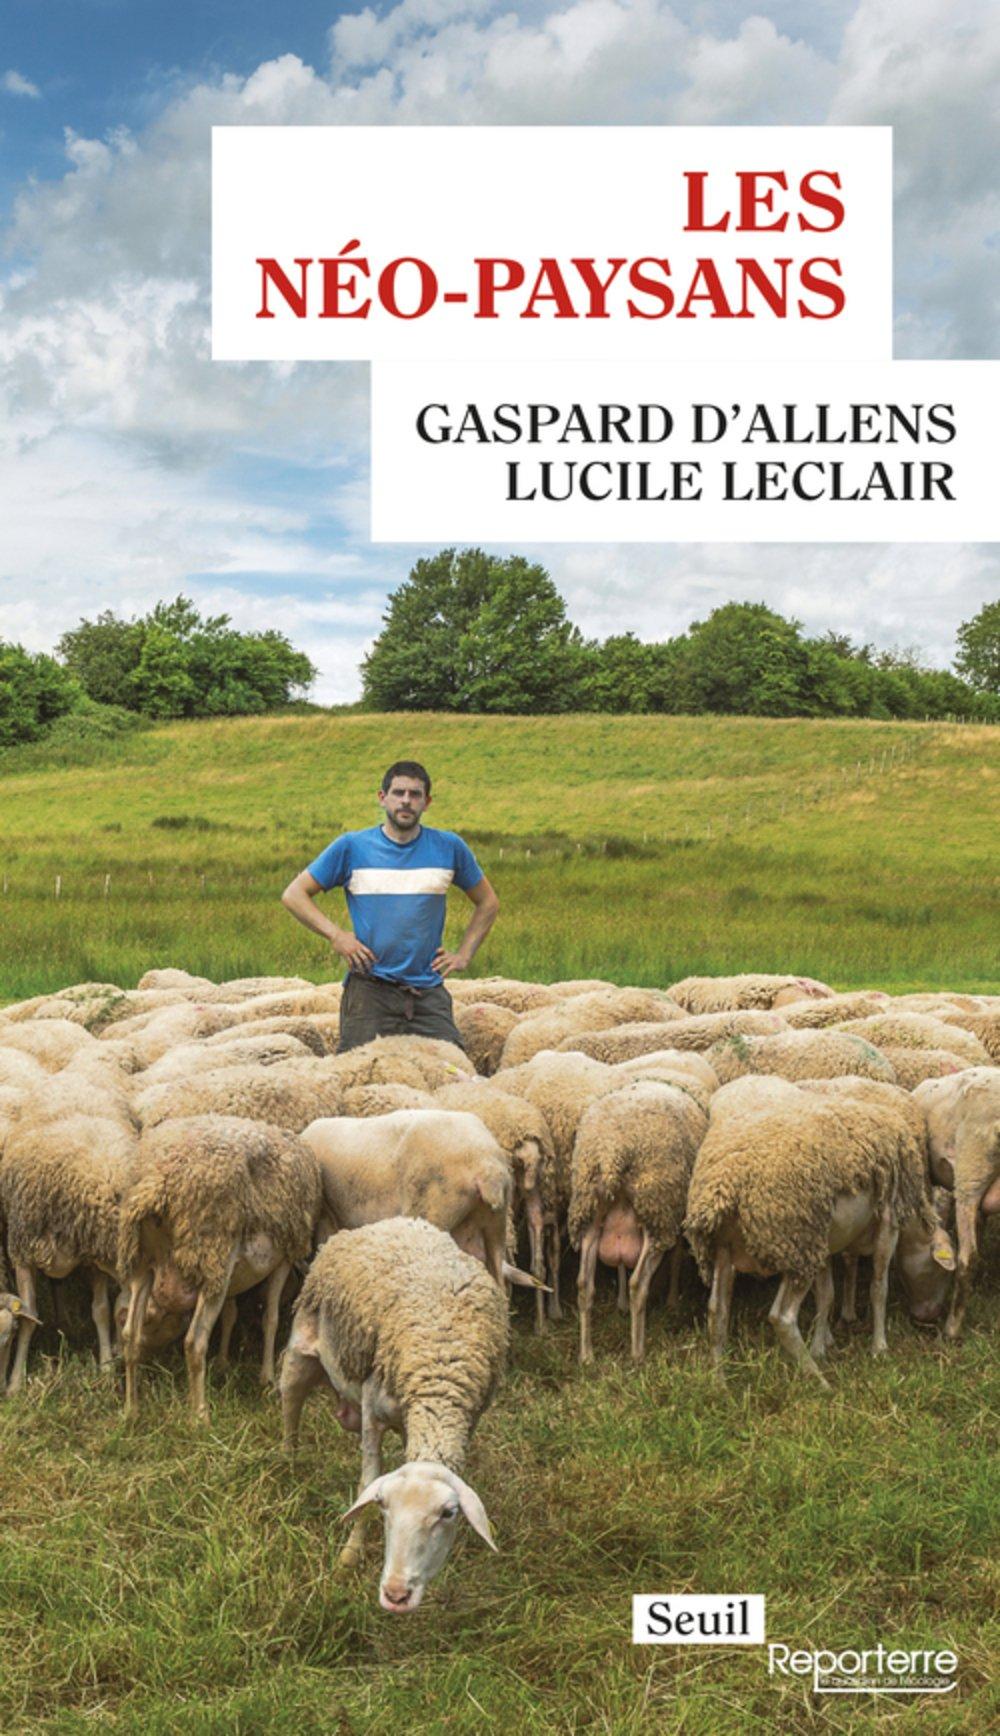 Les Neo-paysans (2016) - Gaspard d'Allens, Lucile Leclair